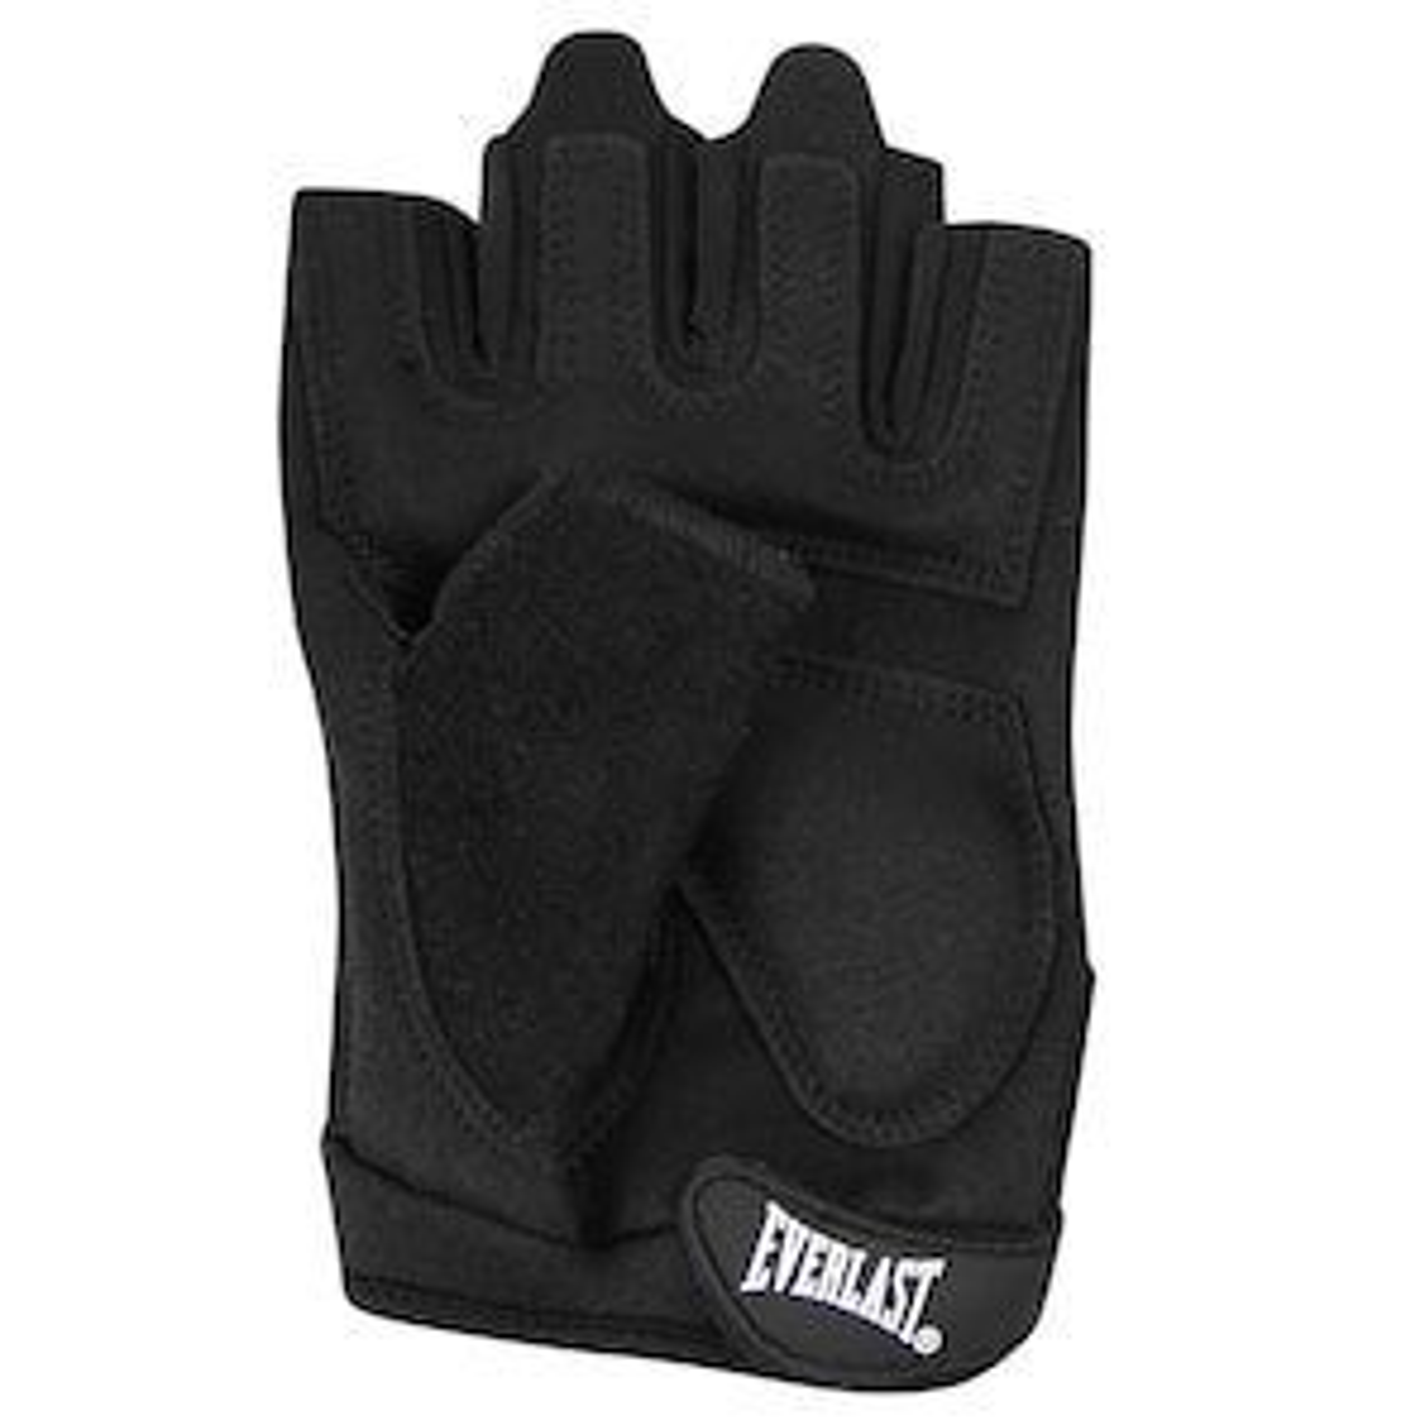 Everlast Fitness Gloves Mens